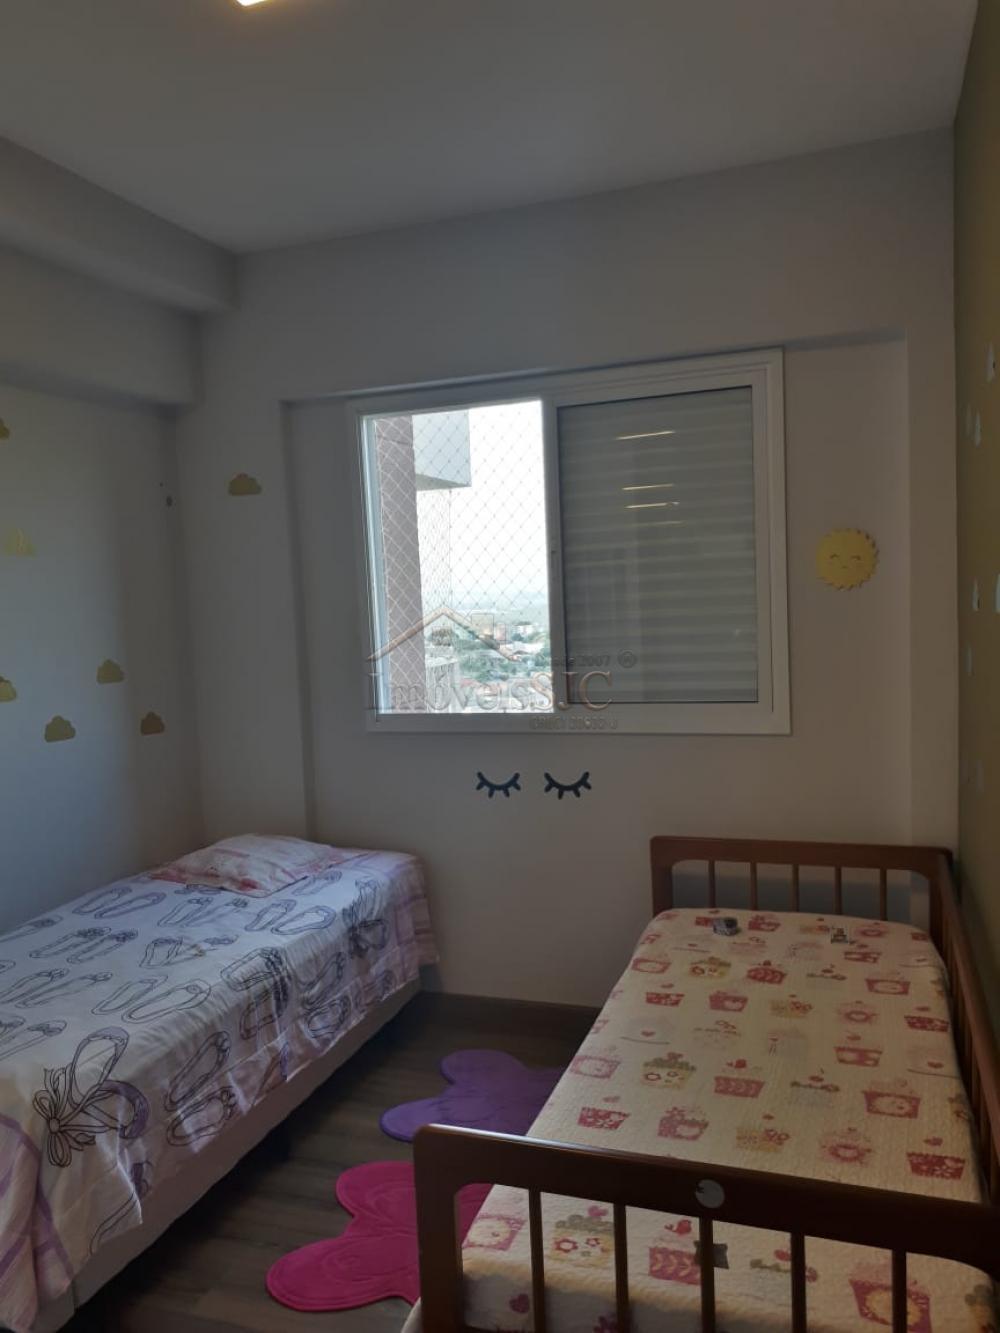 Comprar Apartamentos / Padrão em São José dos Campos apenas R$ 590.000,00 - Foto 16